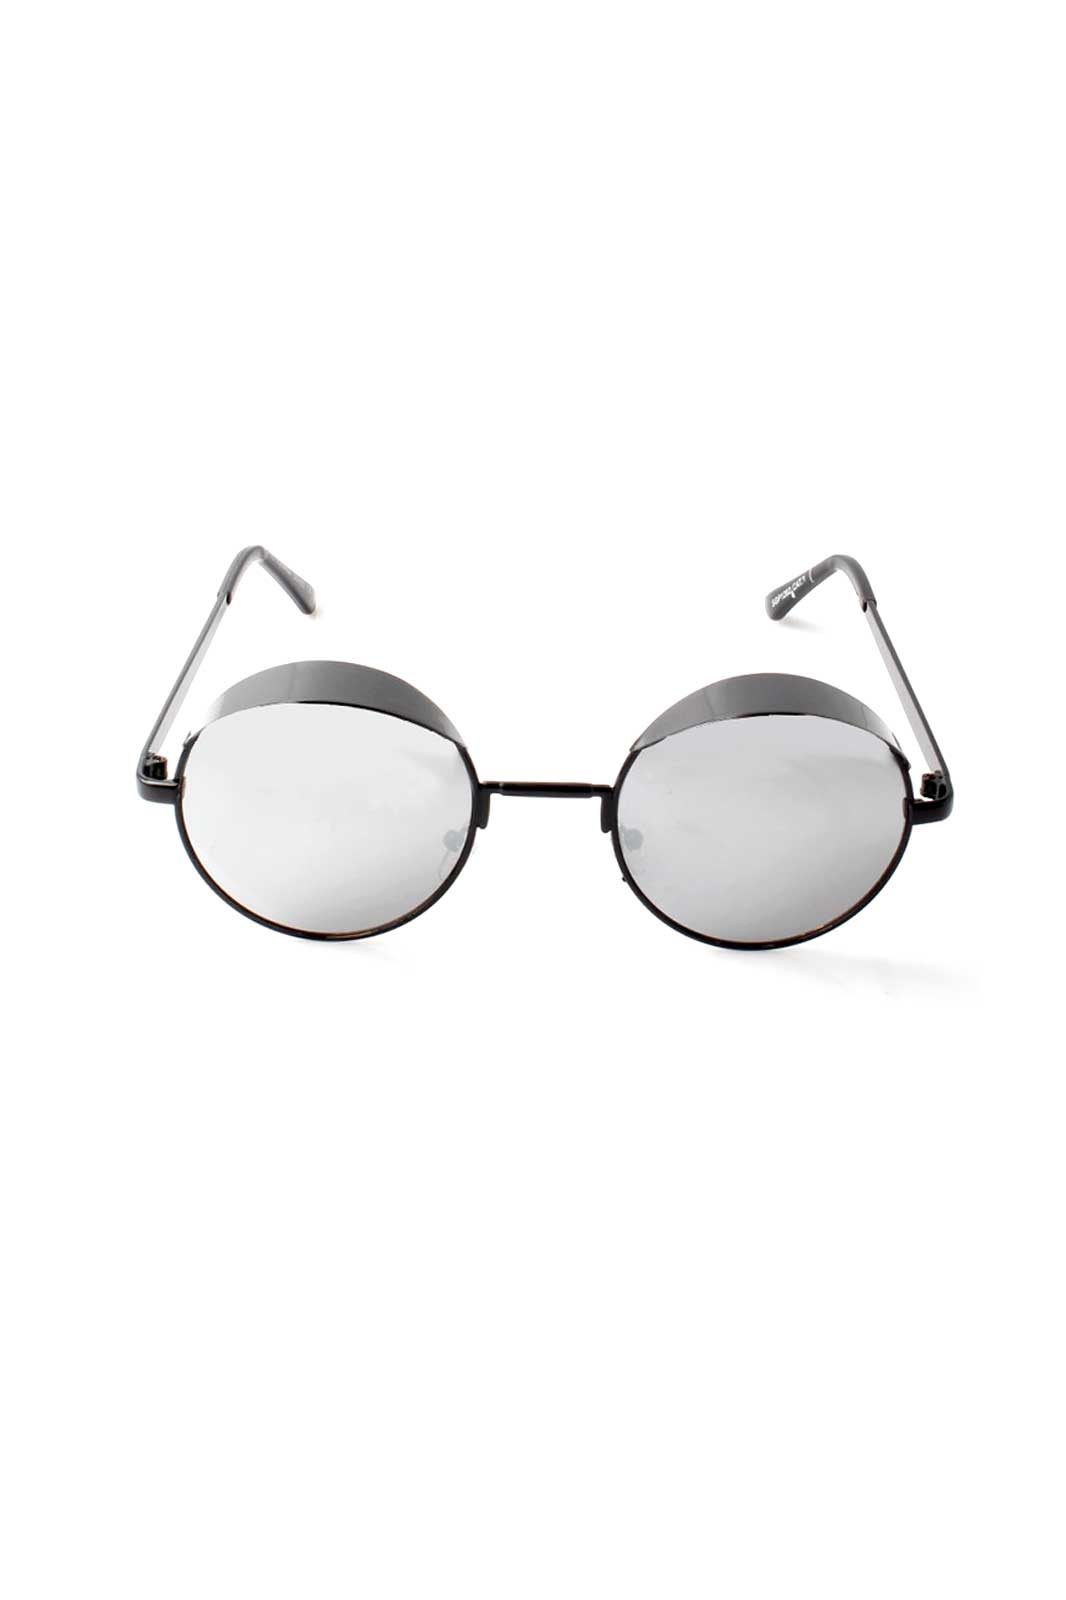 Hooded Visor Sunglasses Black